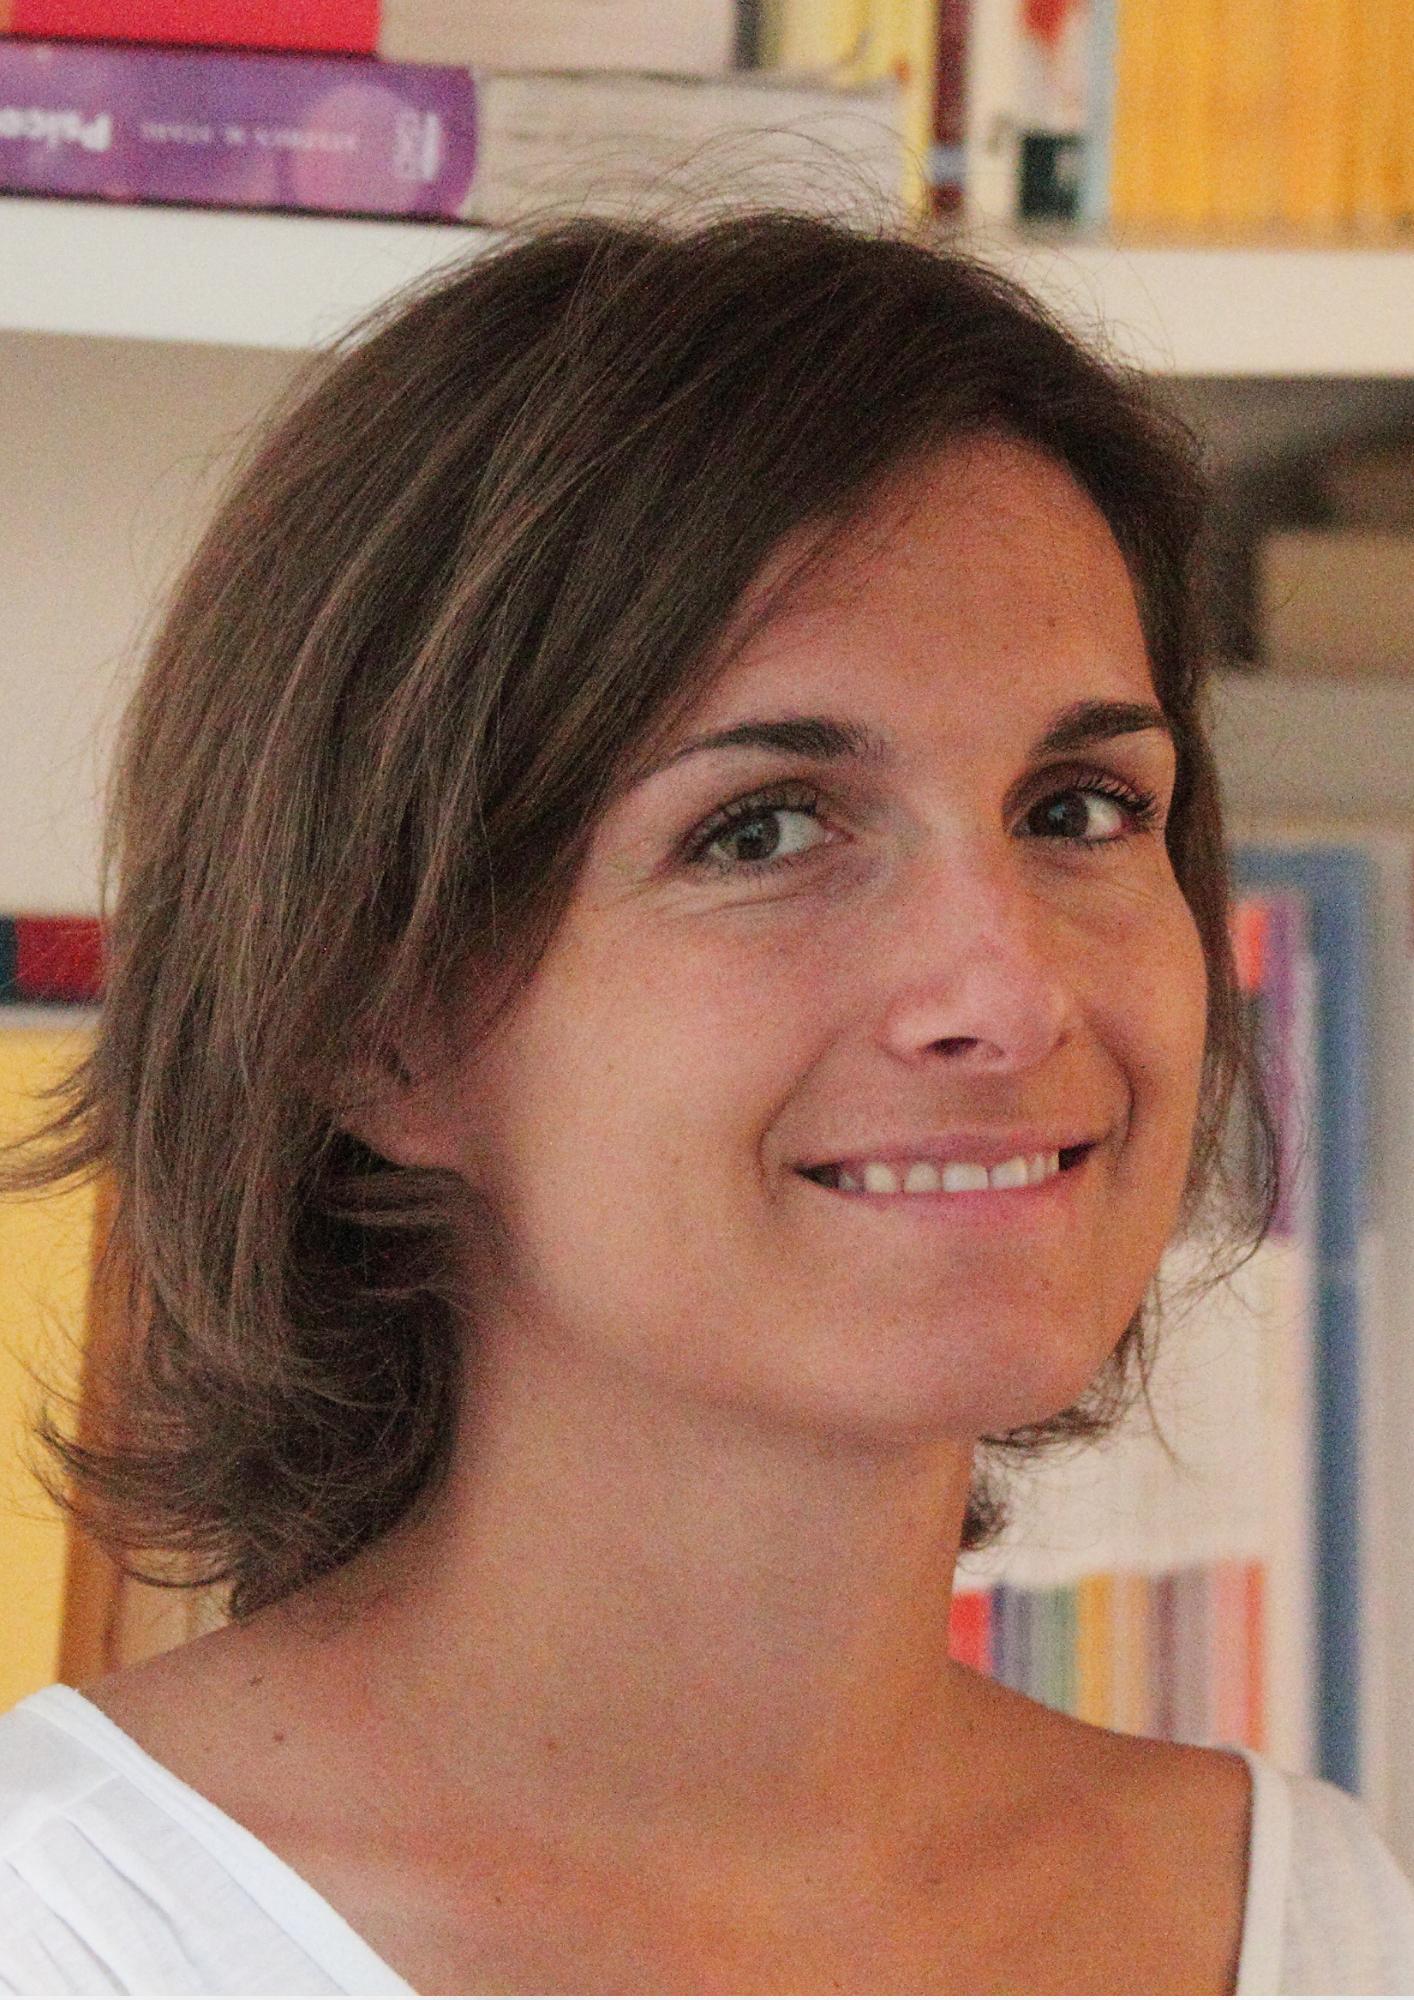 Dott.ssa Licia Lietti